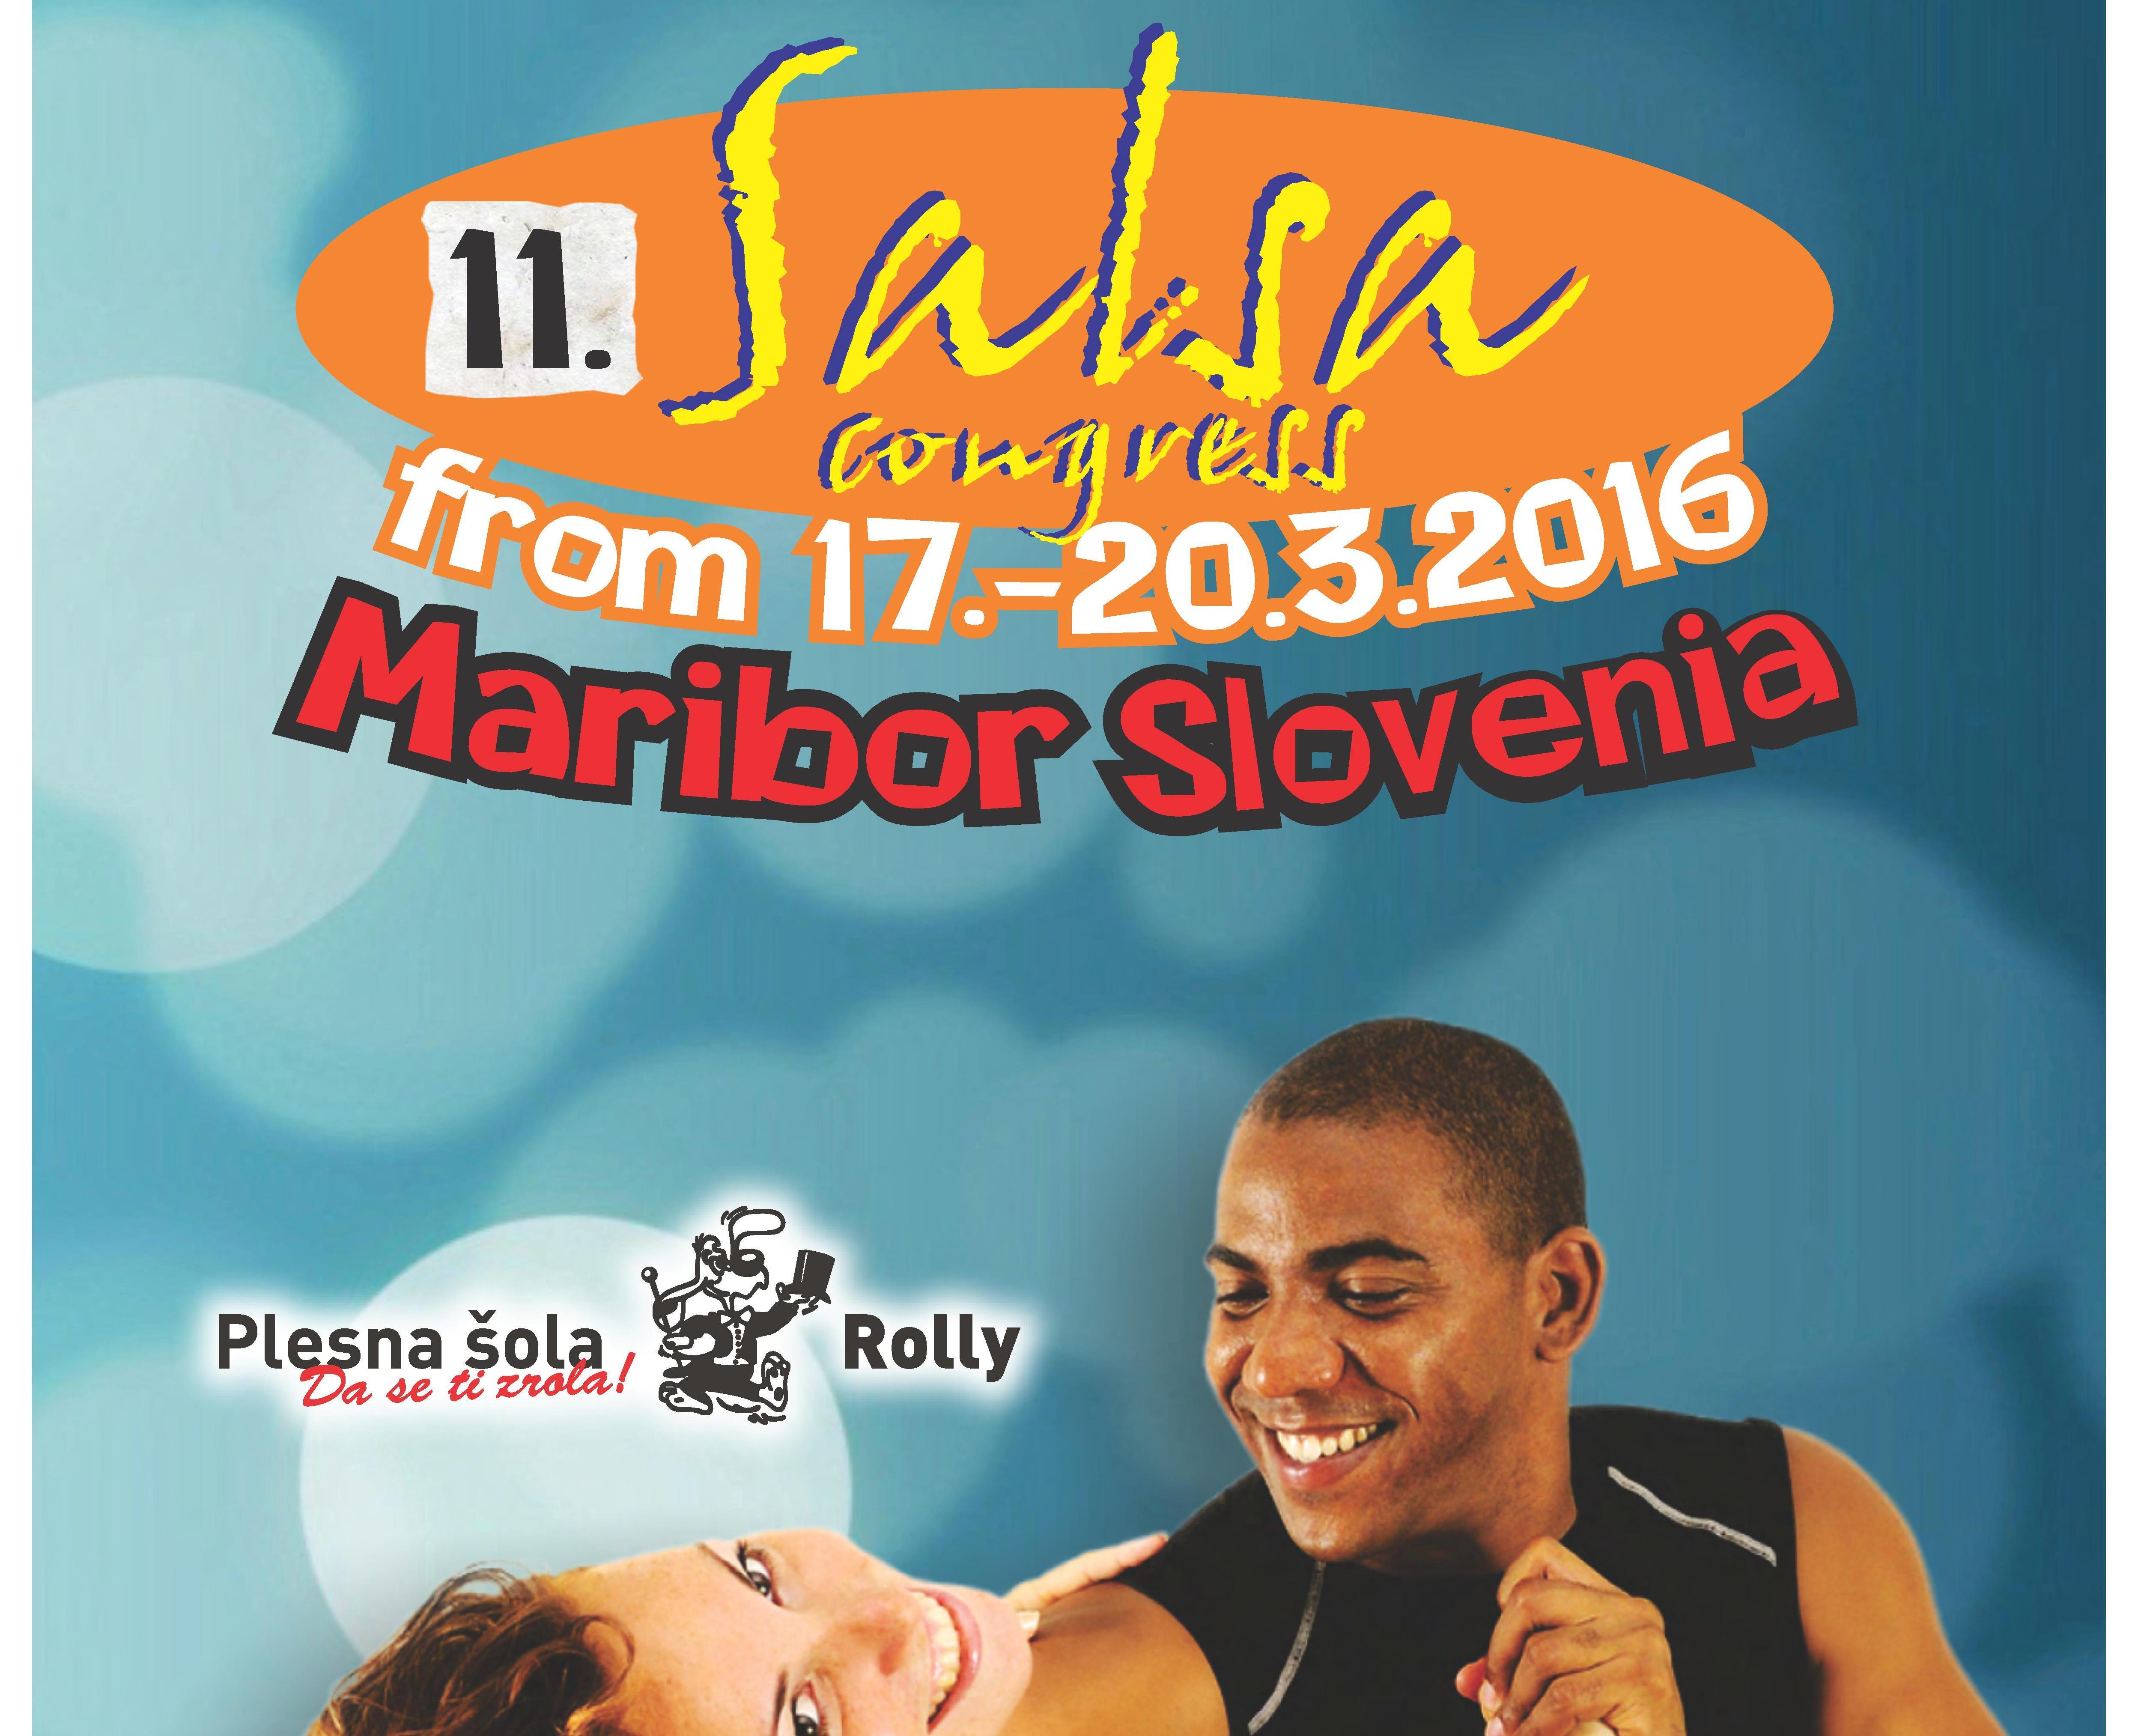 11. SalsaCongress